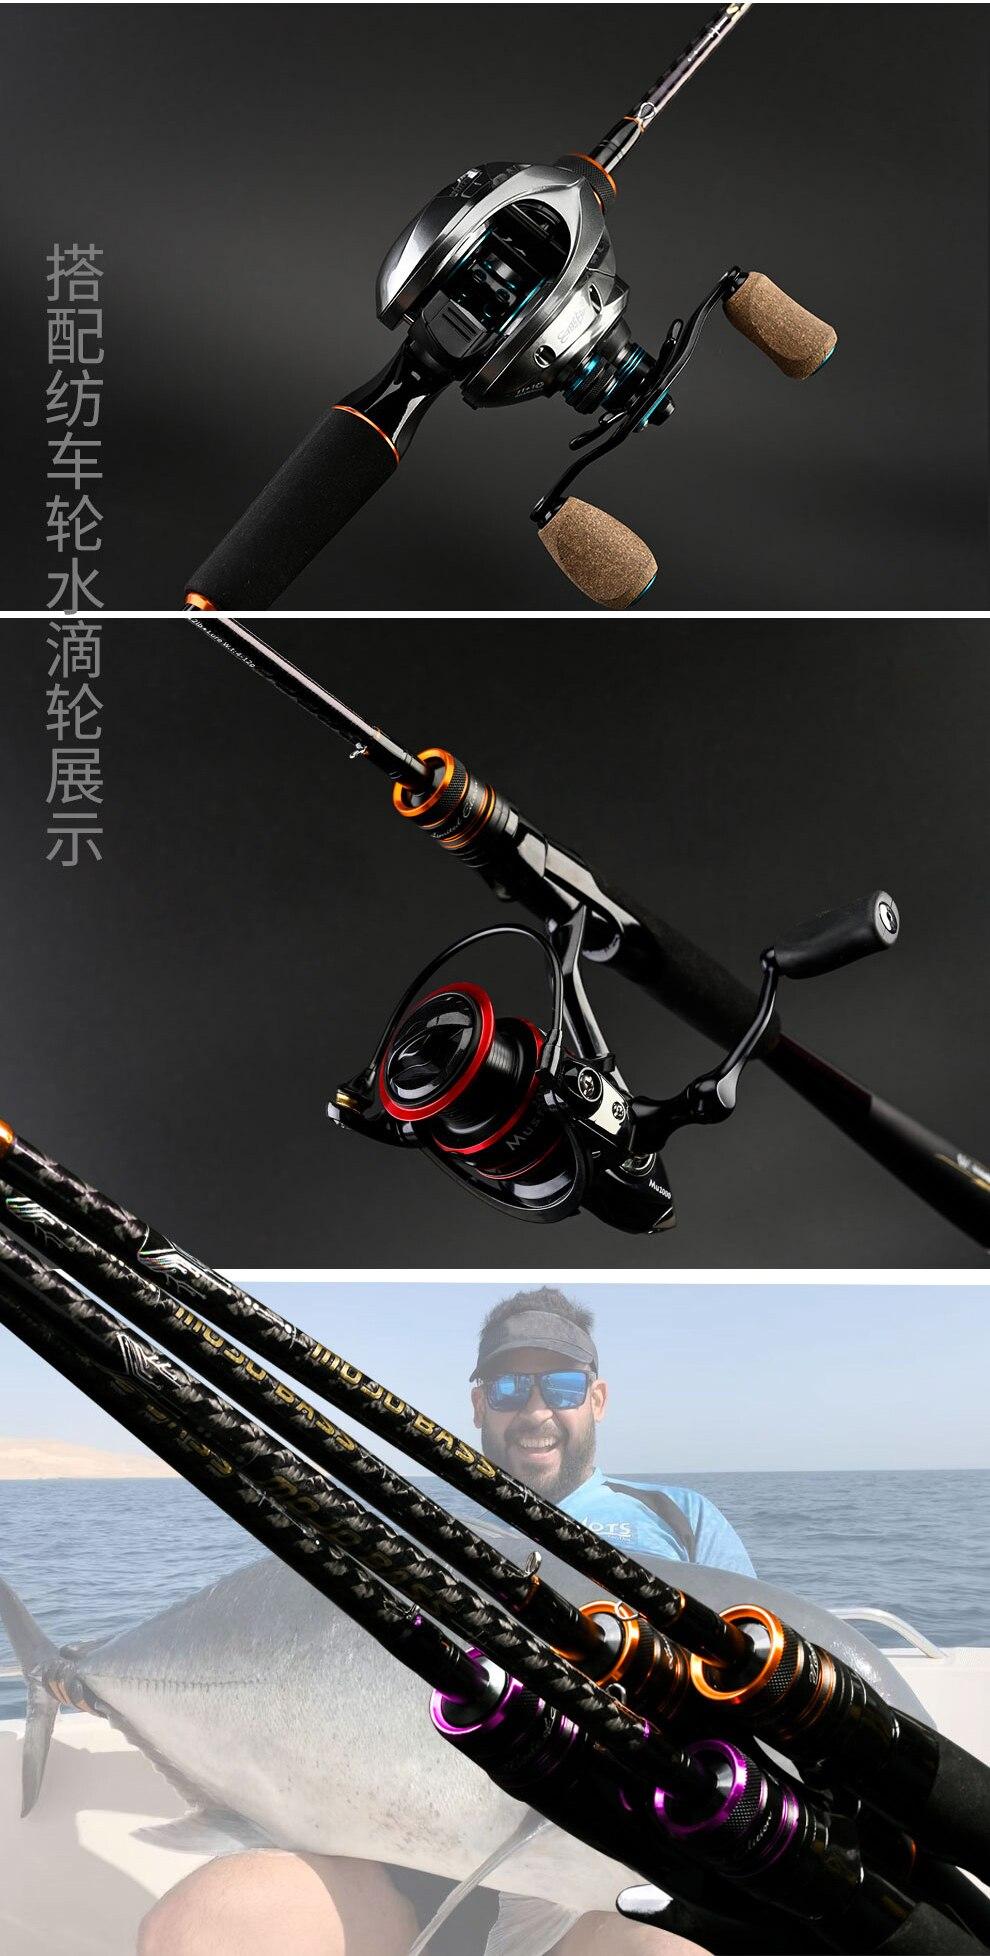 mh 2 seção arremesso rocha vara de pesca equipamento